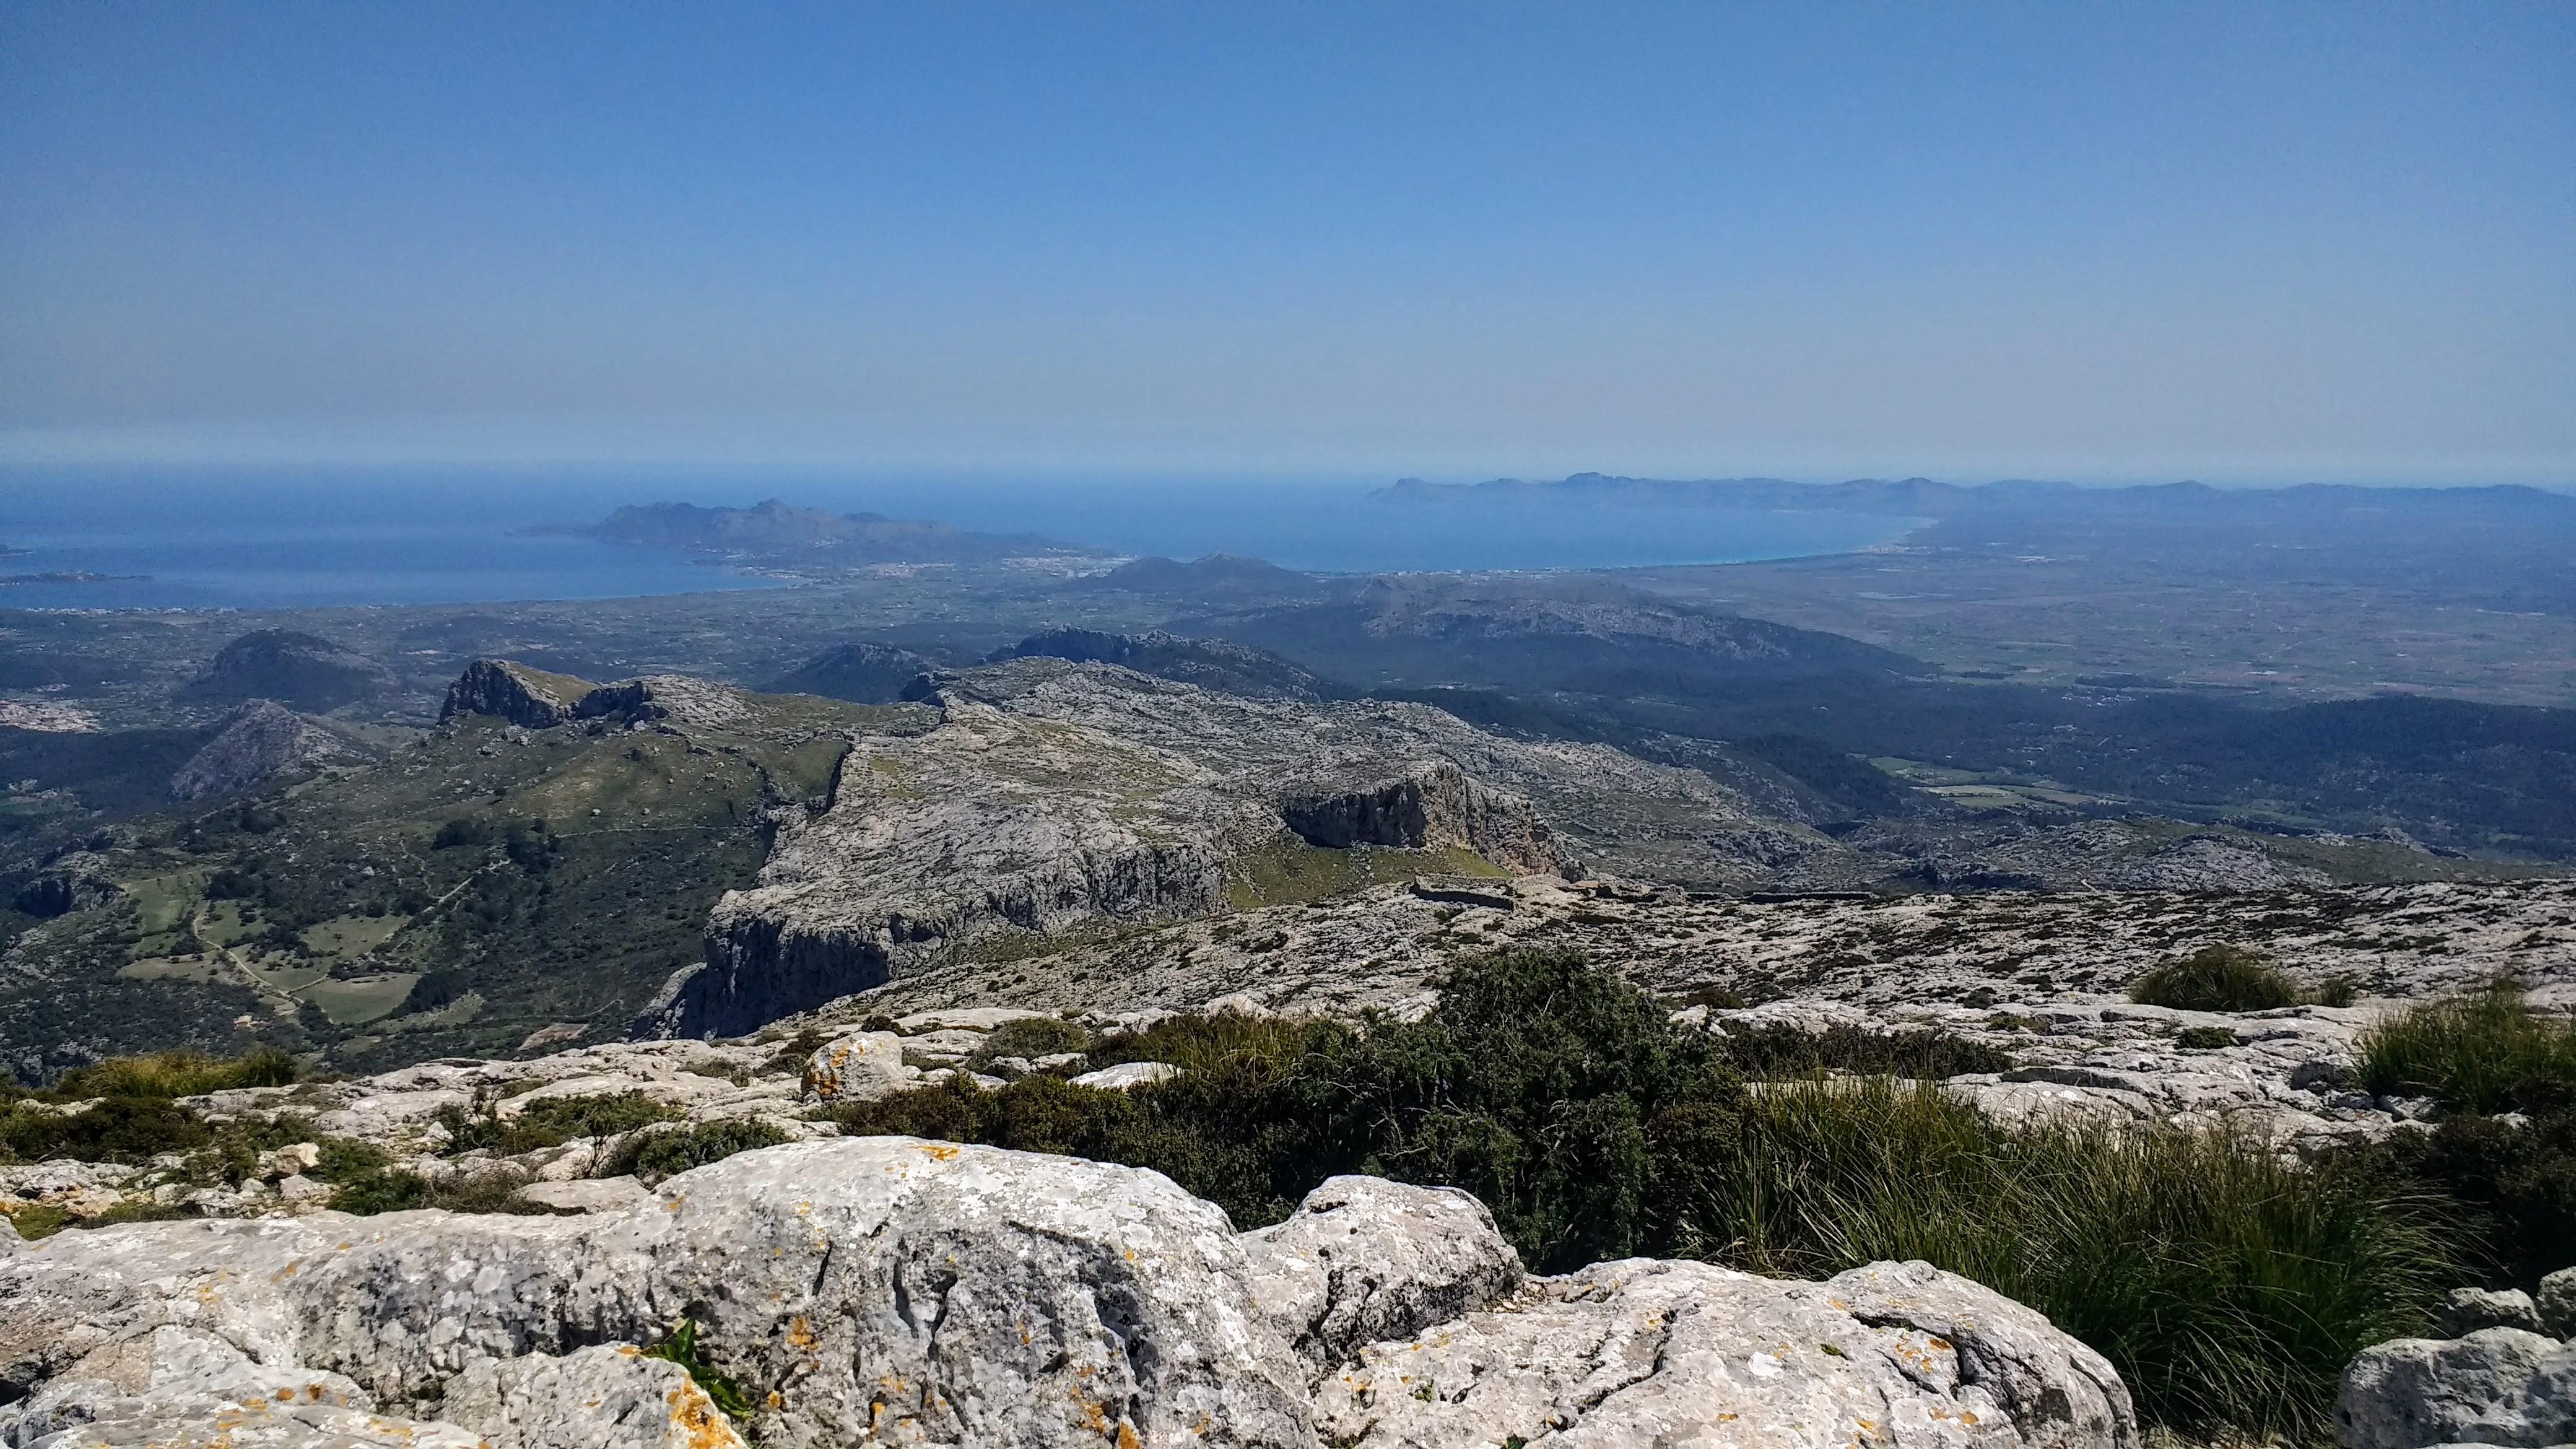 Serra de Tramuntana - Puig de Massanella & Puig Tomir